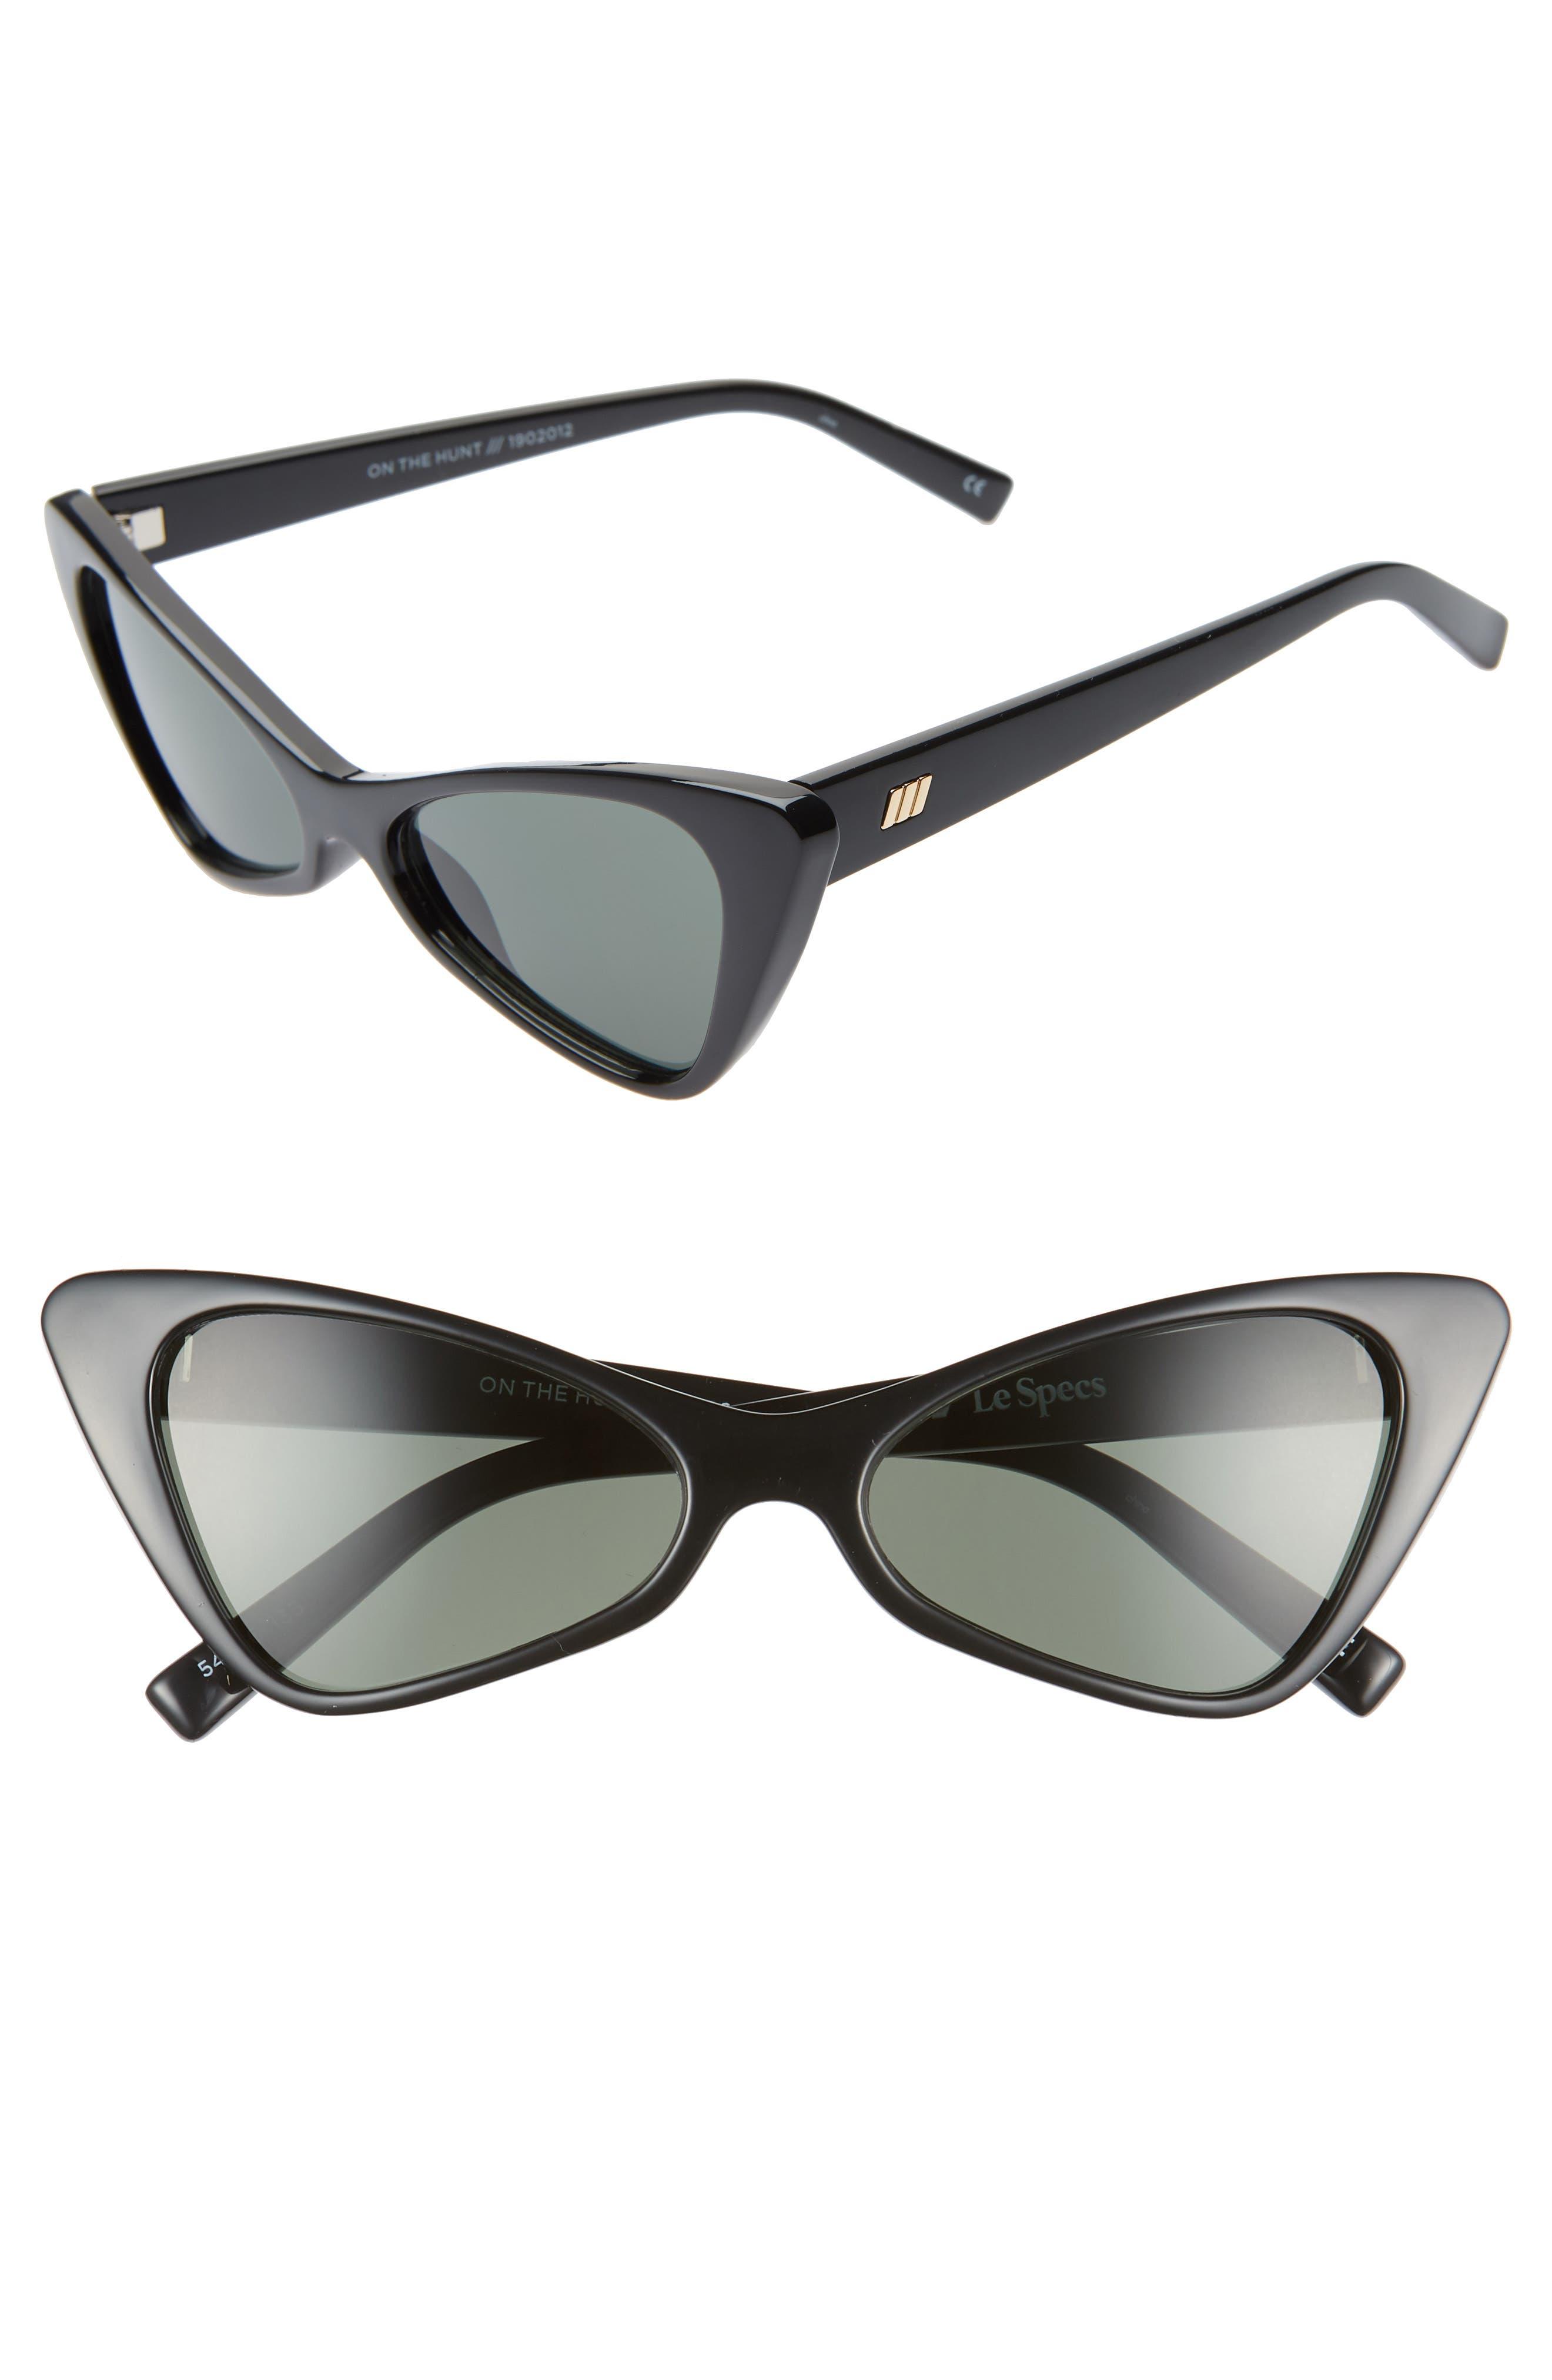 Le Specs On The Hunt 5m Cat Eye Sunglasses - Black/ Khaki Mono